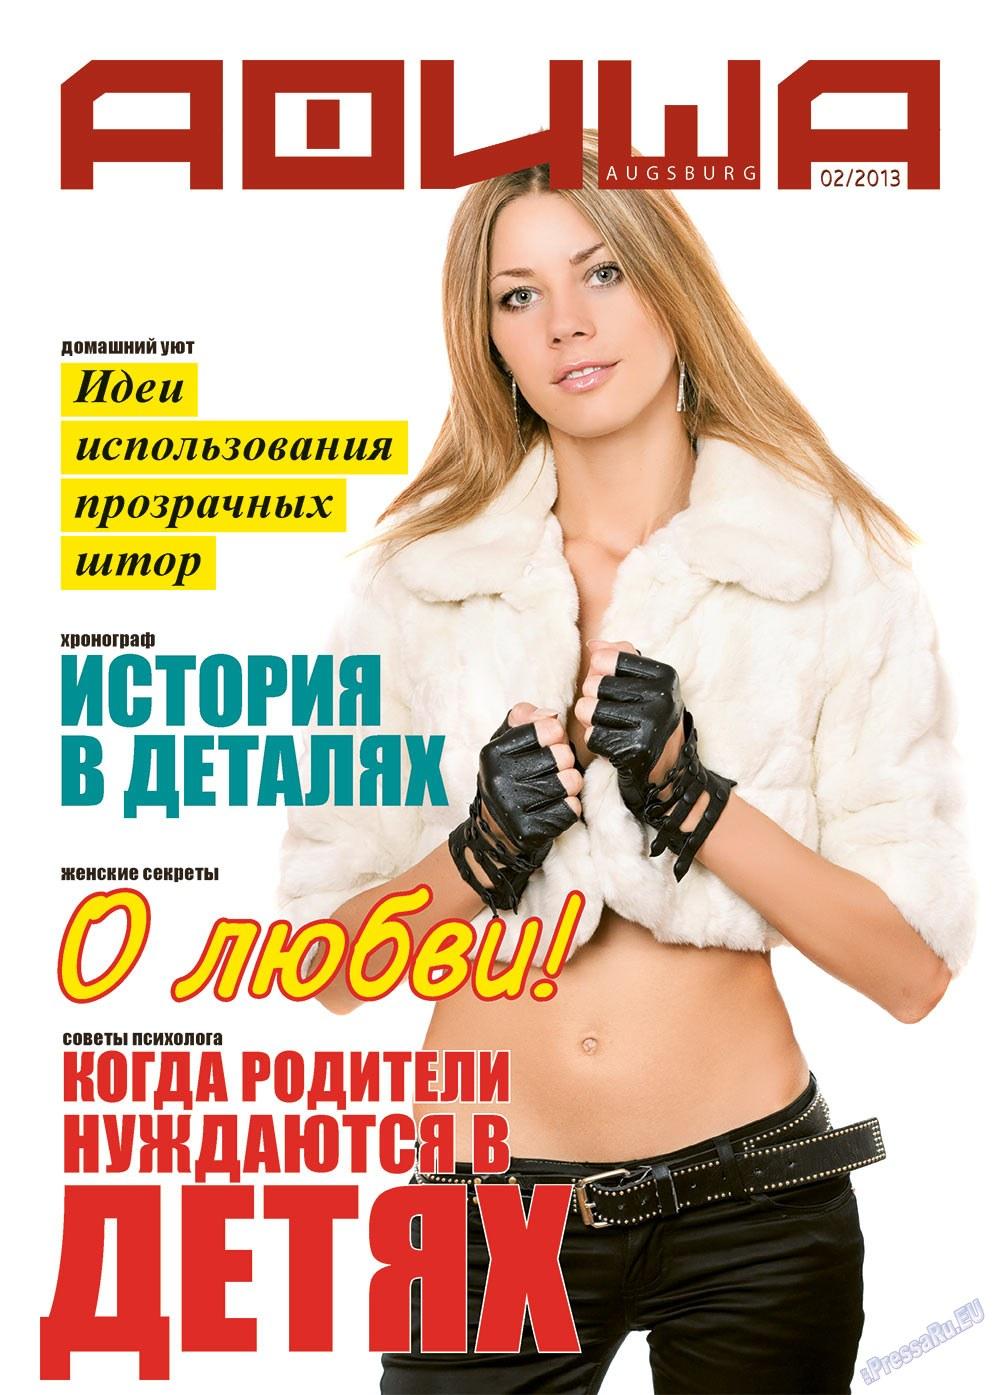 Афиша Augsburg (журнал). 2013 год, номер 2, стр. 1